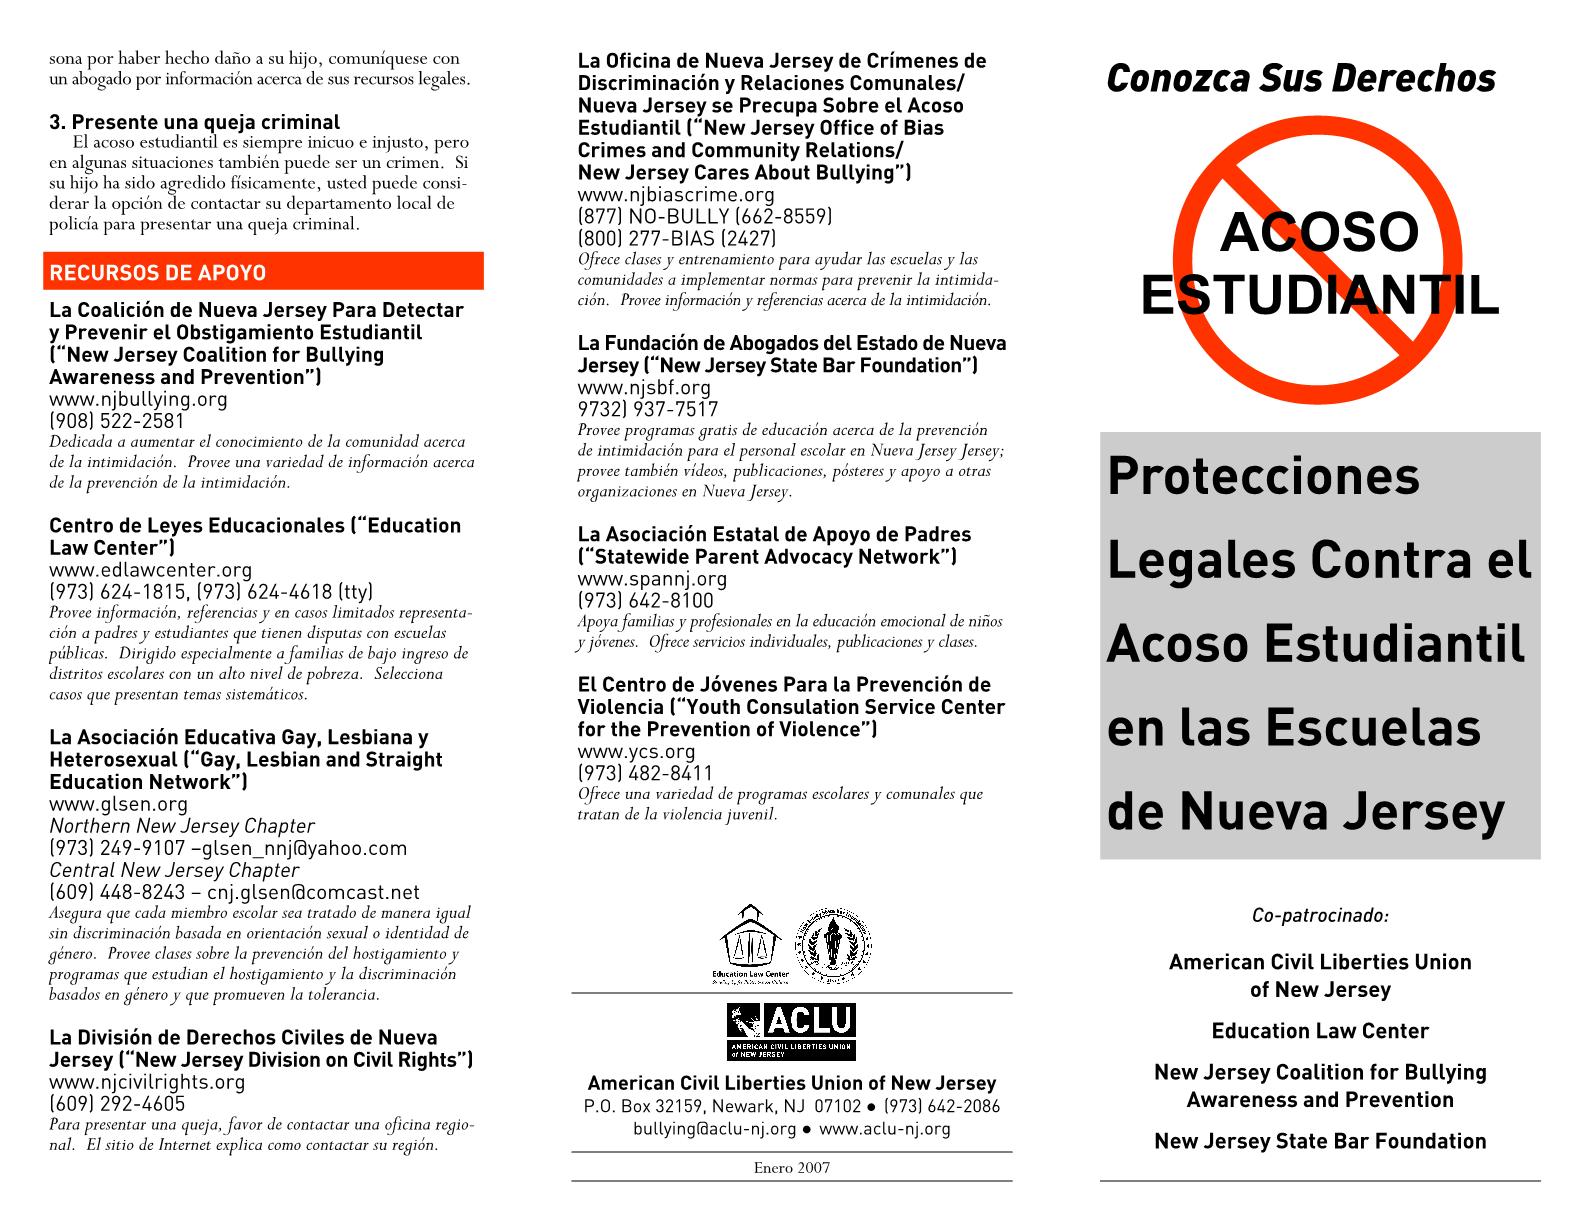 Legal Protections Against Bullying in New Jersey Schools (Spanish) Protecciones Legales Contra el Acoso Estudiantil en las Escuelas de Nueva Jersey